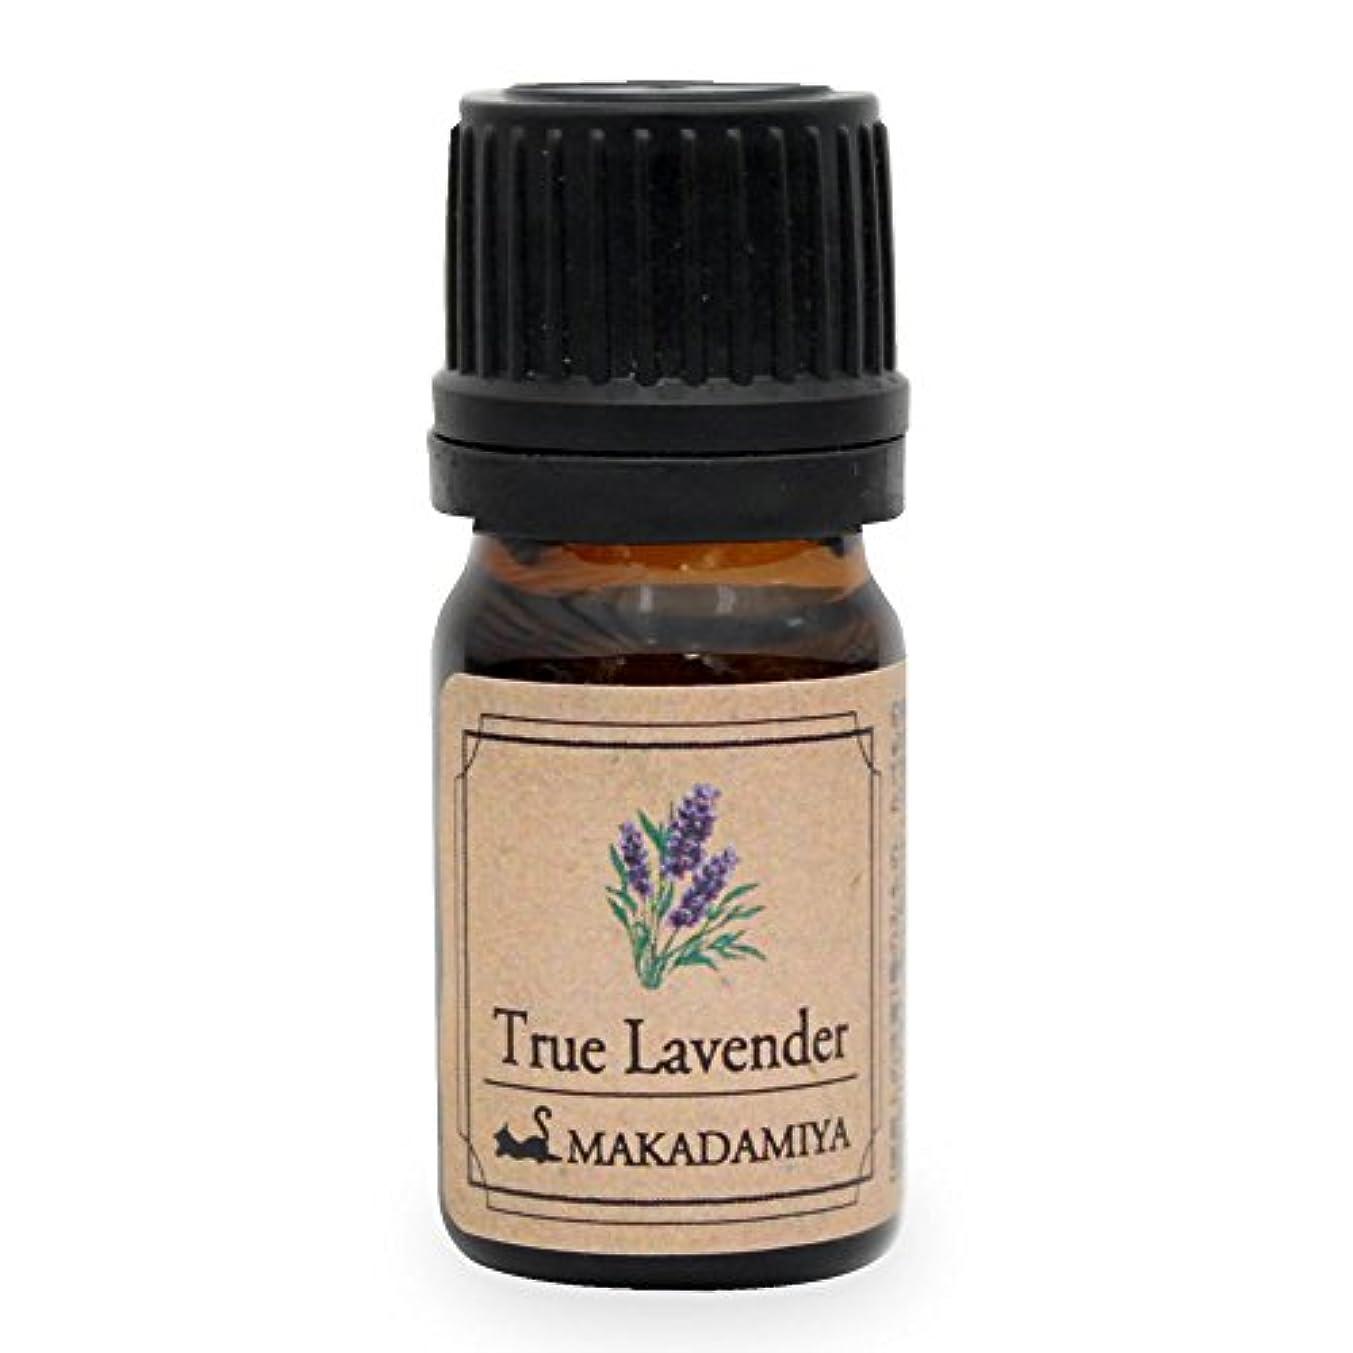 反対するふくろう結晶真正ラベンダー5ml 天然100%植物性 エッセンシャルオイル(精油) アロマオイル アロママッサージ aroma TrueLavender